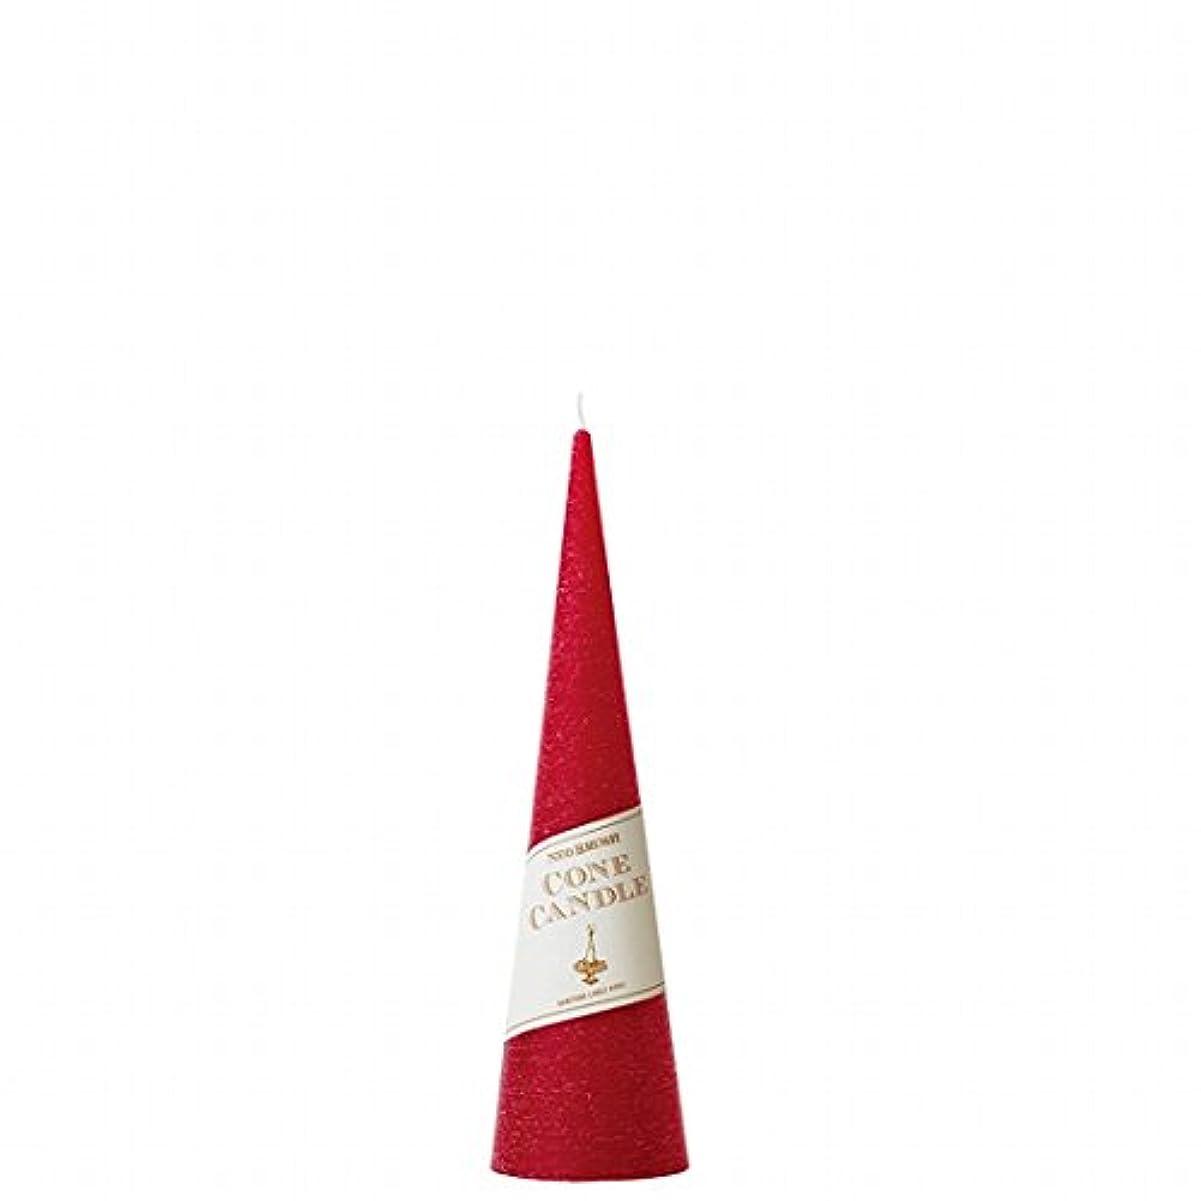 ベアリング兵隊定期的にカメヤマキャンドル(kameyama candle) ネオブラッシュコーン 180 キャンドル 「 レッド 」